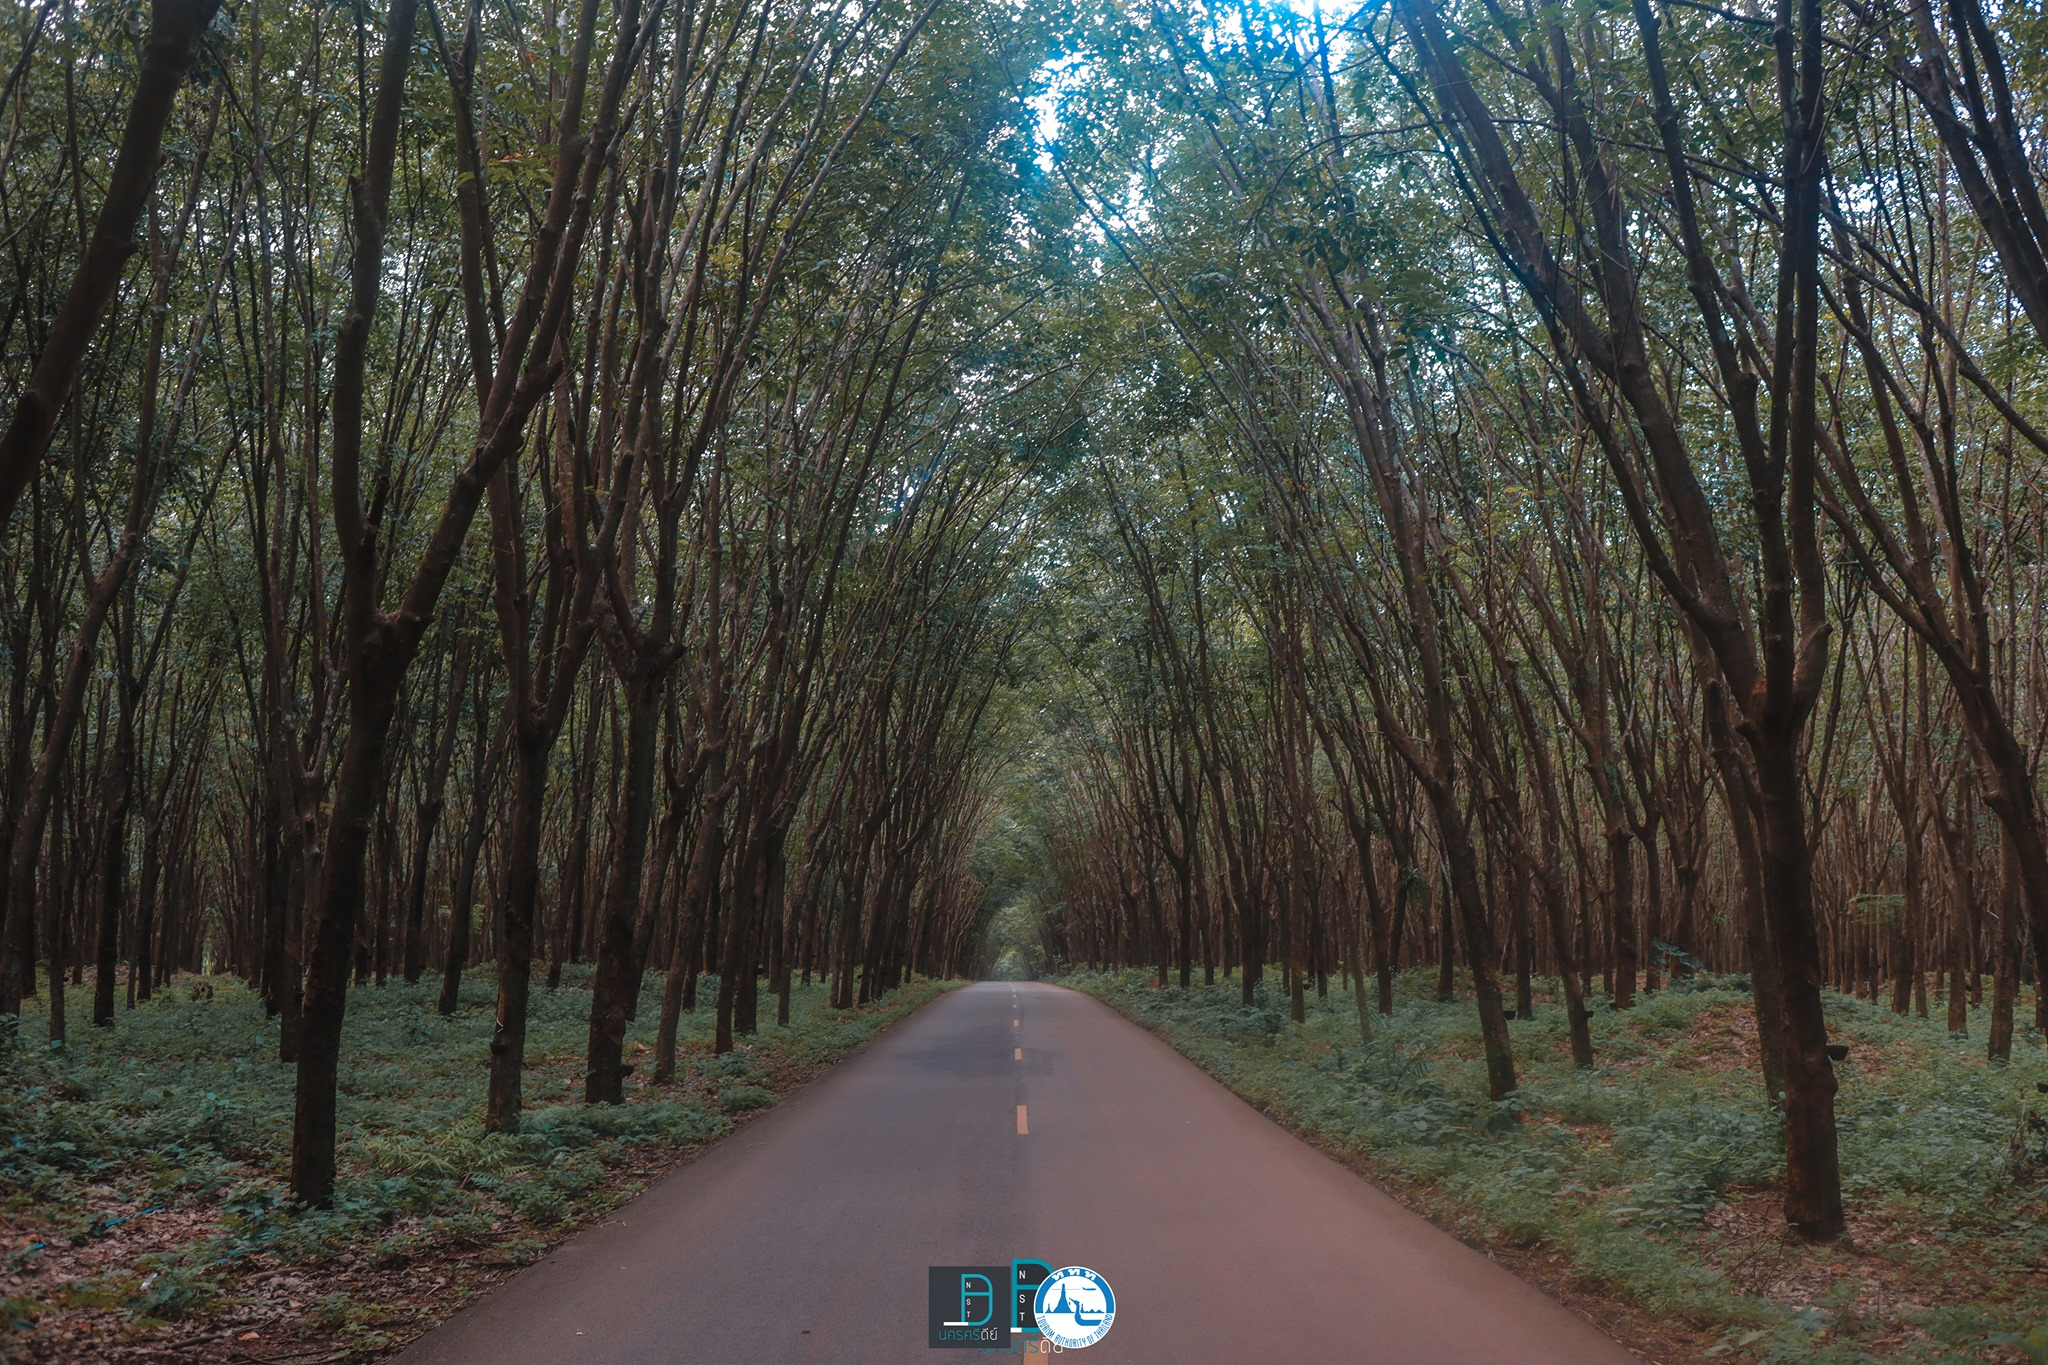 19.-อุโมงค์ต้นยาง-ขนอม นครศรีธรรมราช,จุดเช็คอิน,ที่ท่องเที่ยว,ของกิน,โกโก้,TAT,การท่องเที่ยวแห่งประเทศไทย